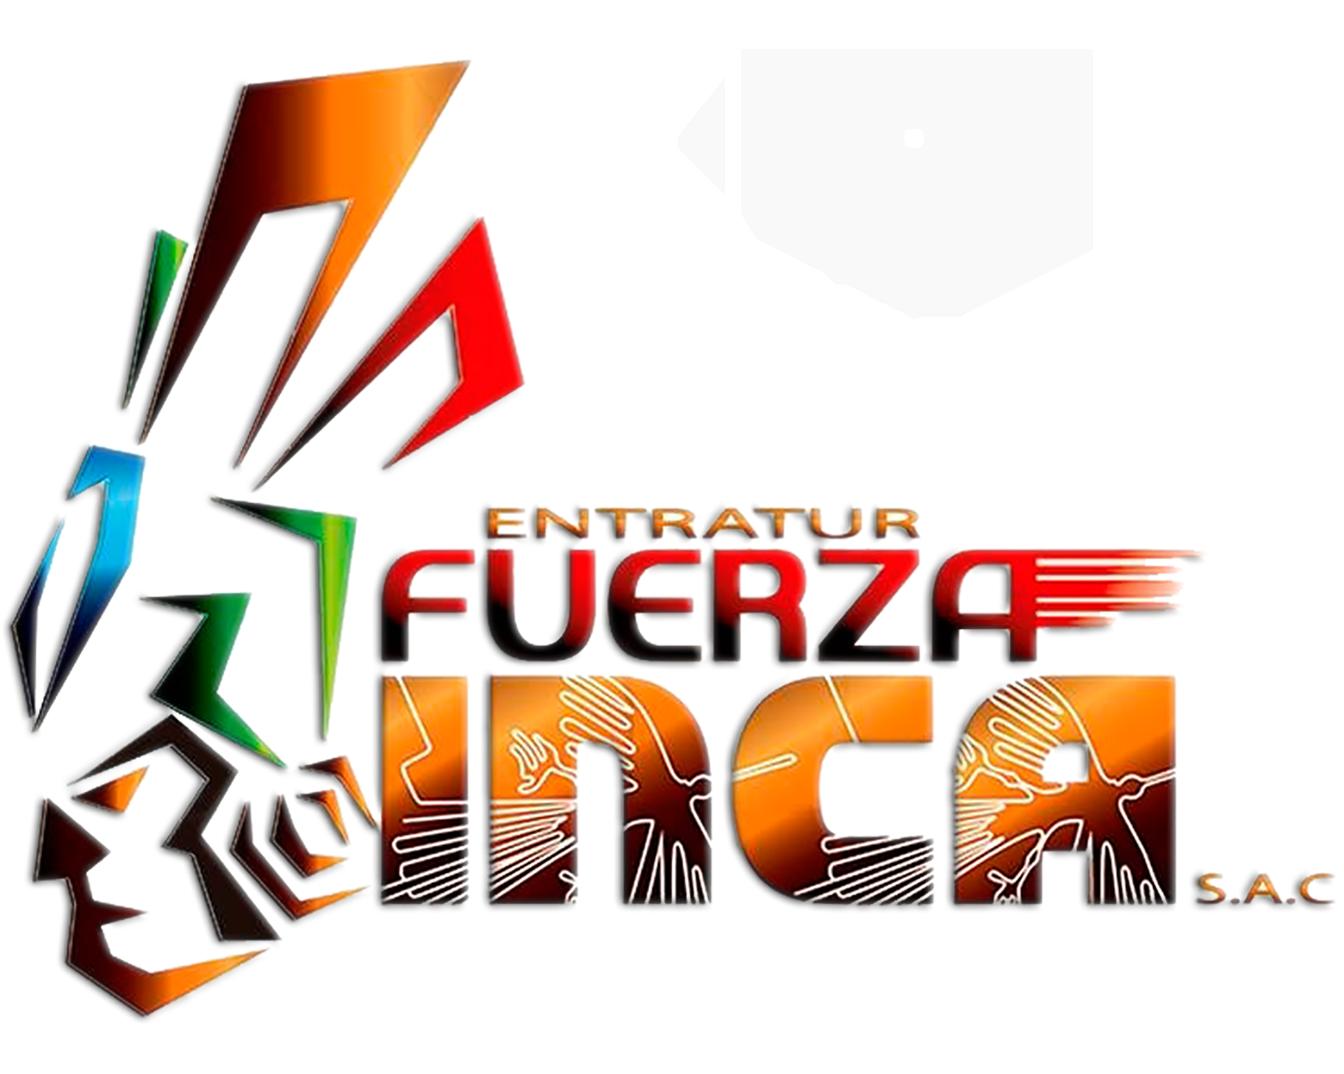 Emtratur Fuerza Inca